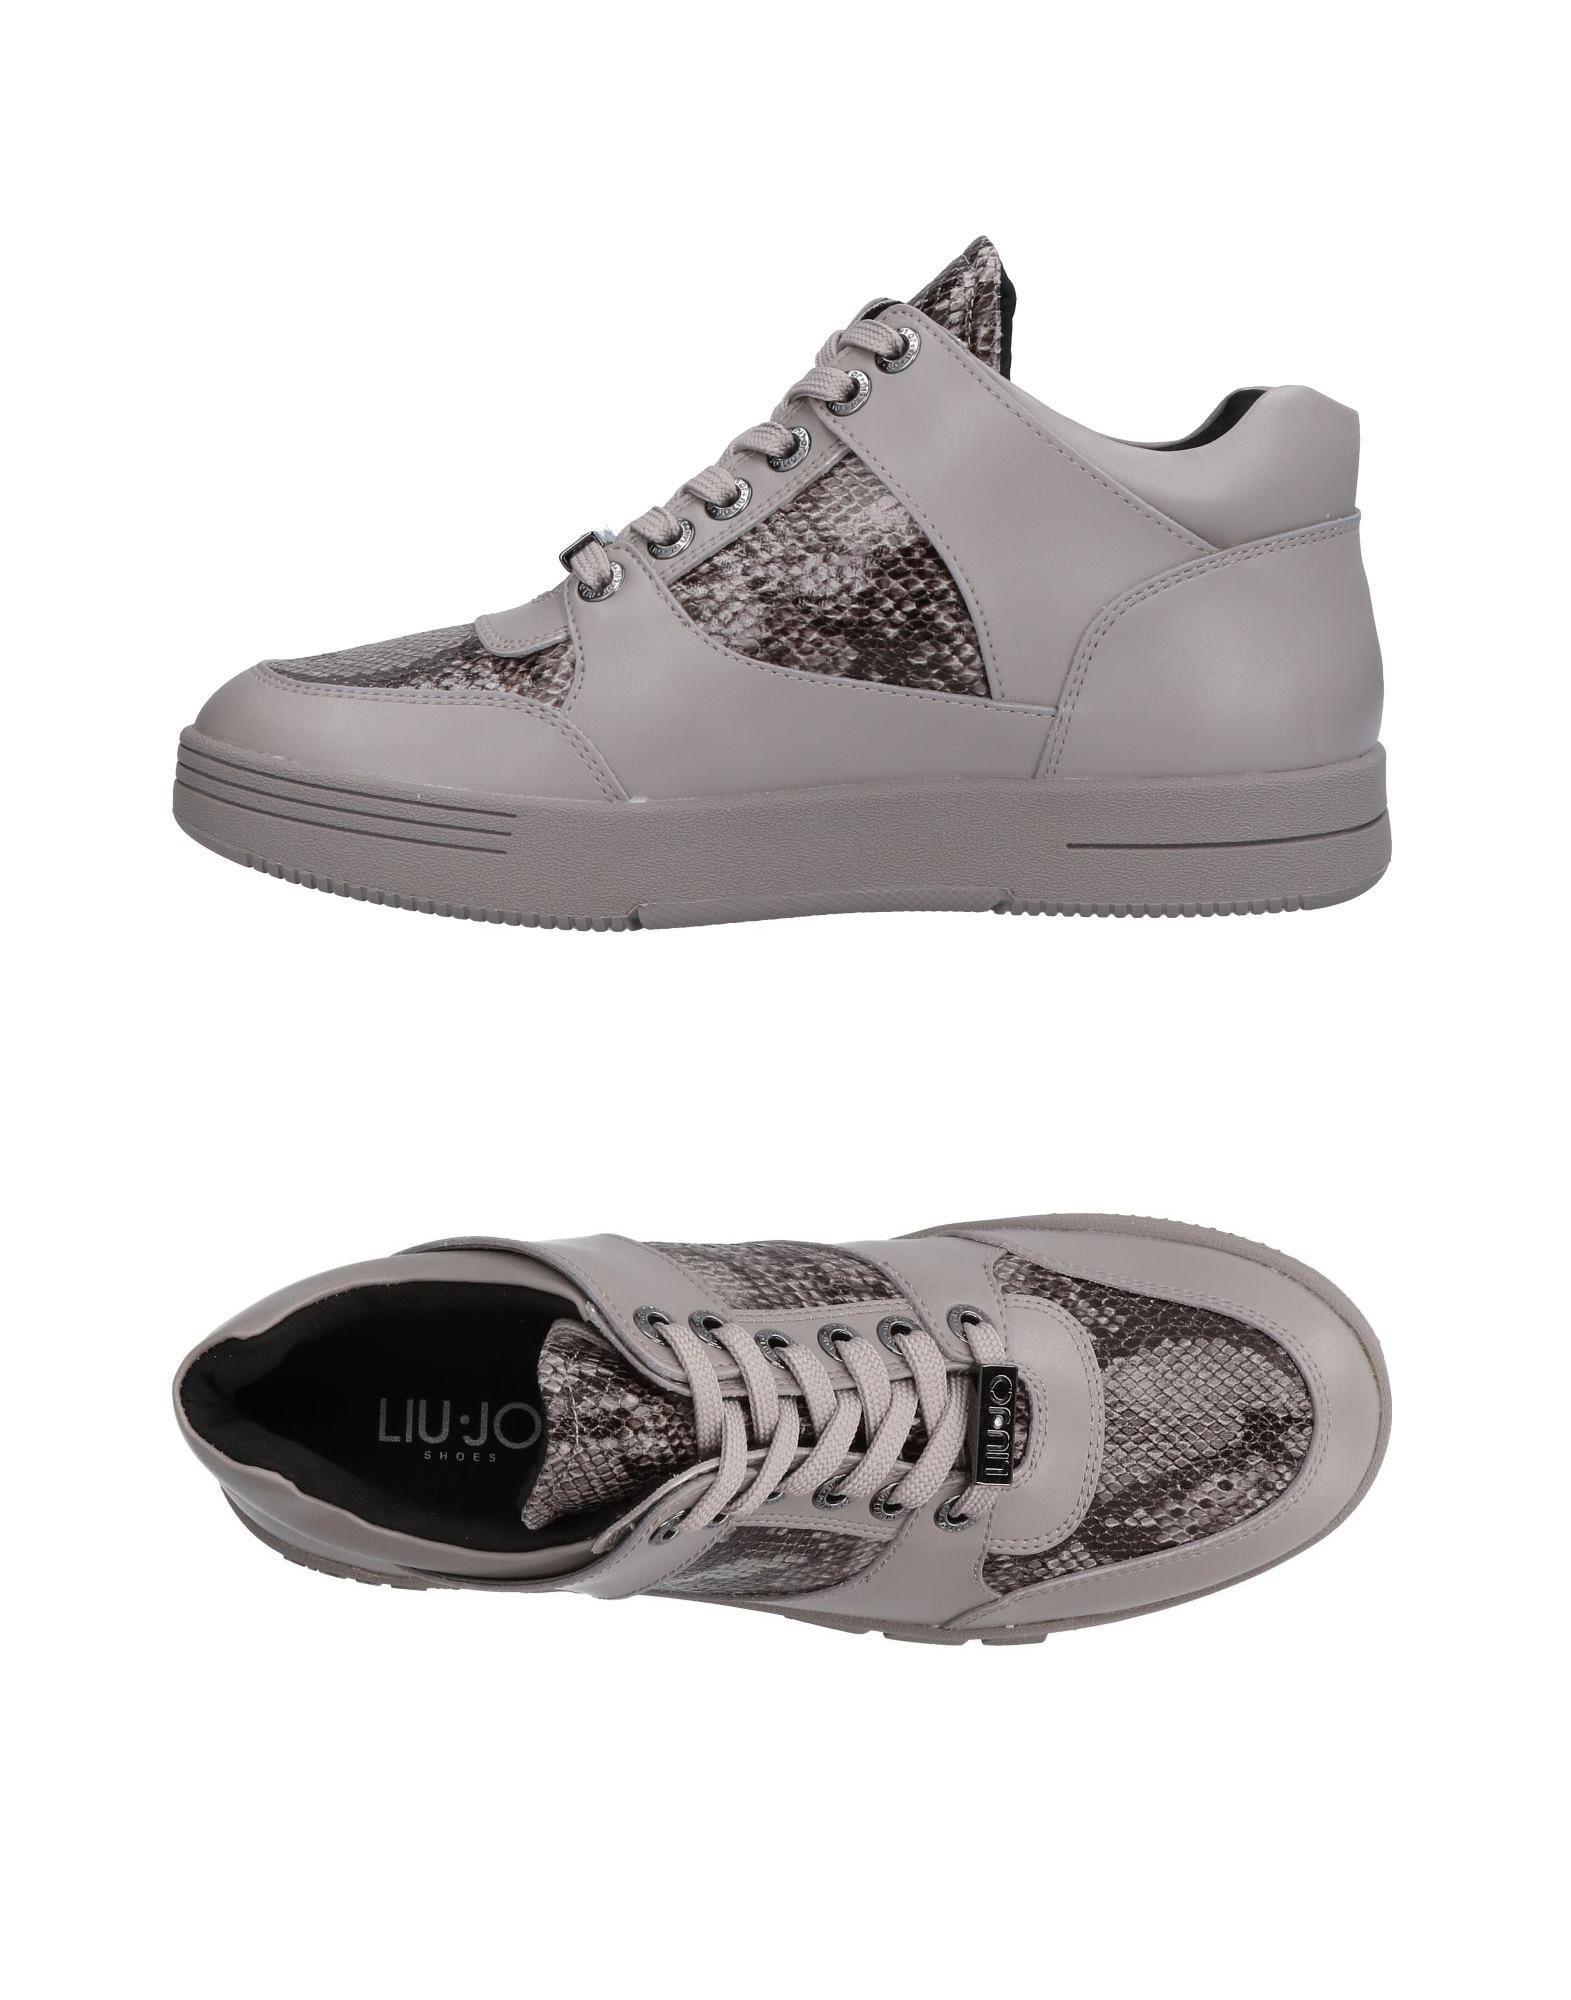 FOOTWEAR - Low-tops & sneakers Liu Jo iLTMWl9